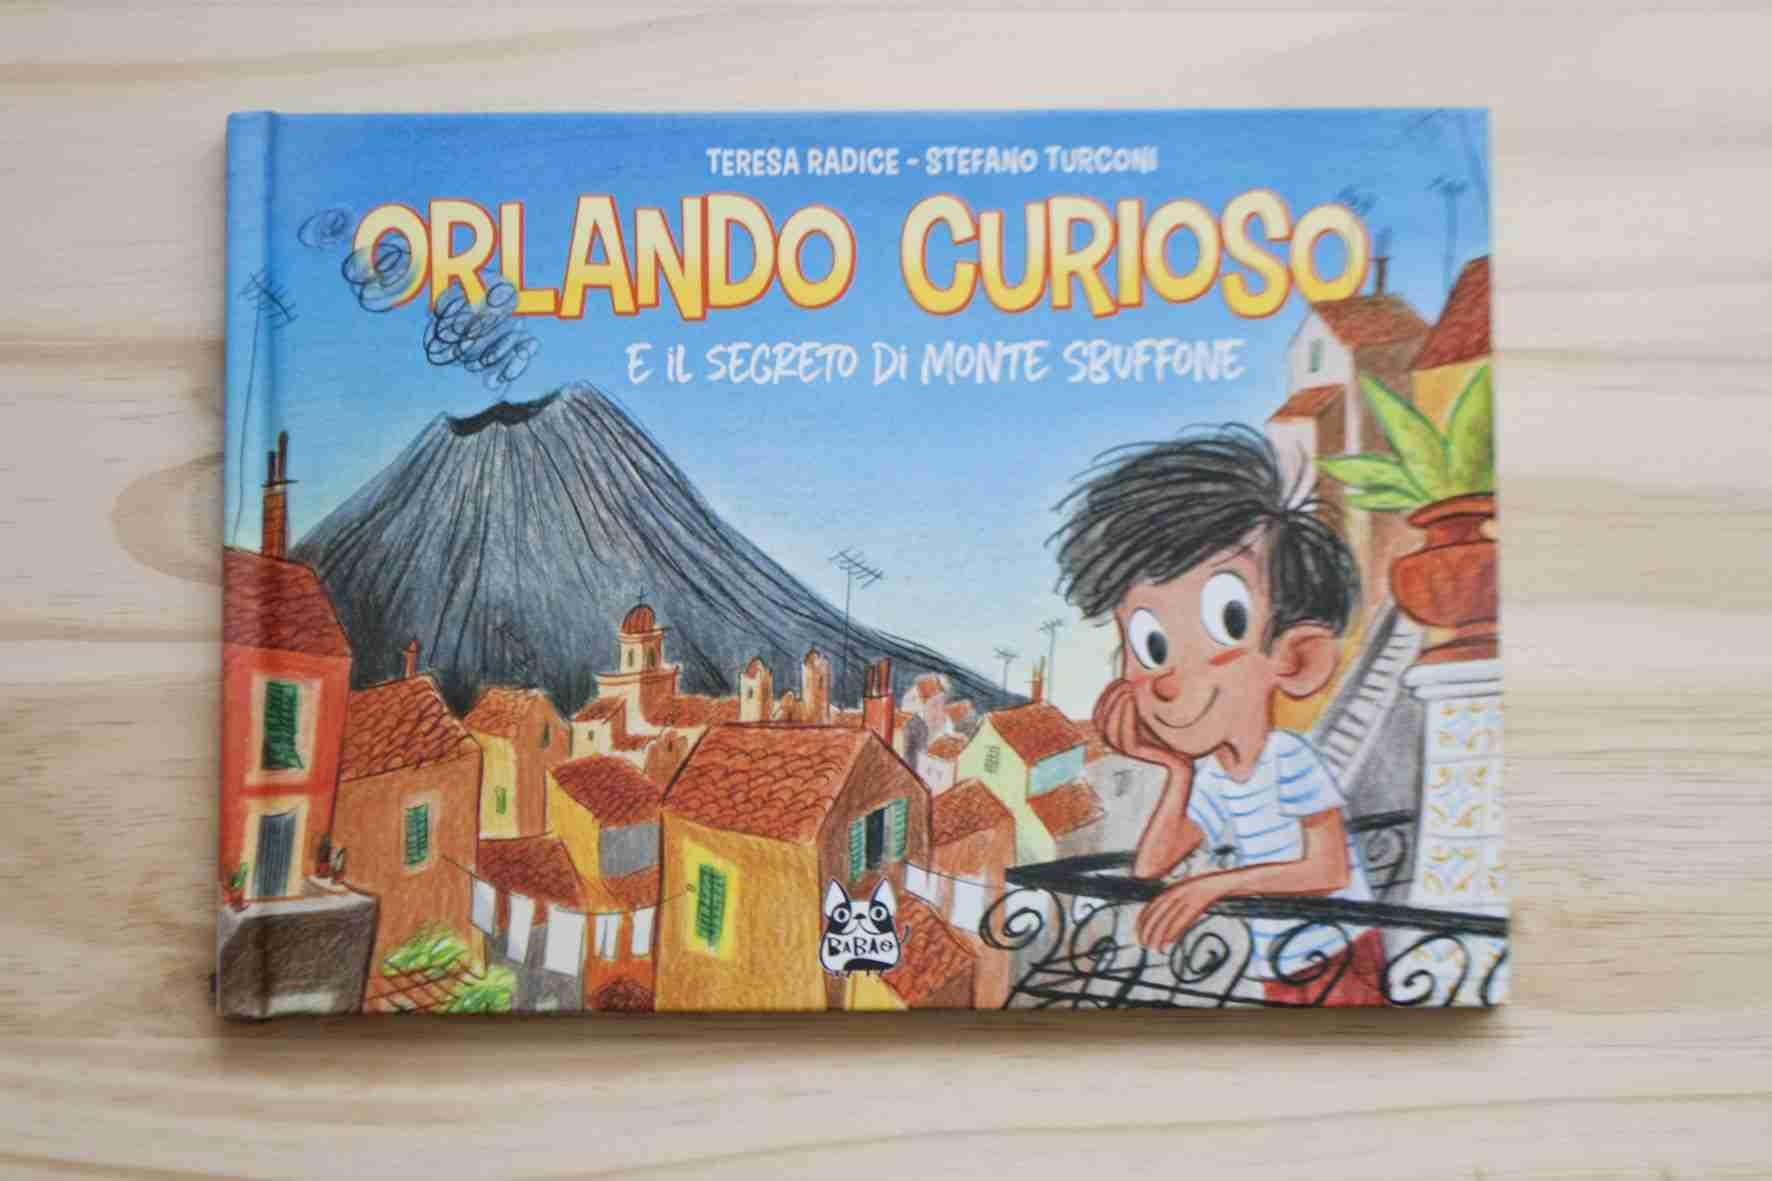 ORLANDO CURIOSO E IL SEGRETO DI MONTE SBUFFONE di Teresa Radice eStefano Turconi, BAO PUBLISHING